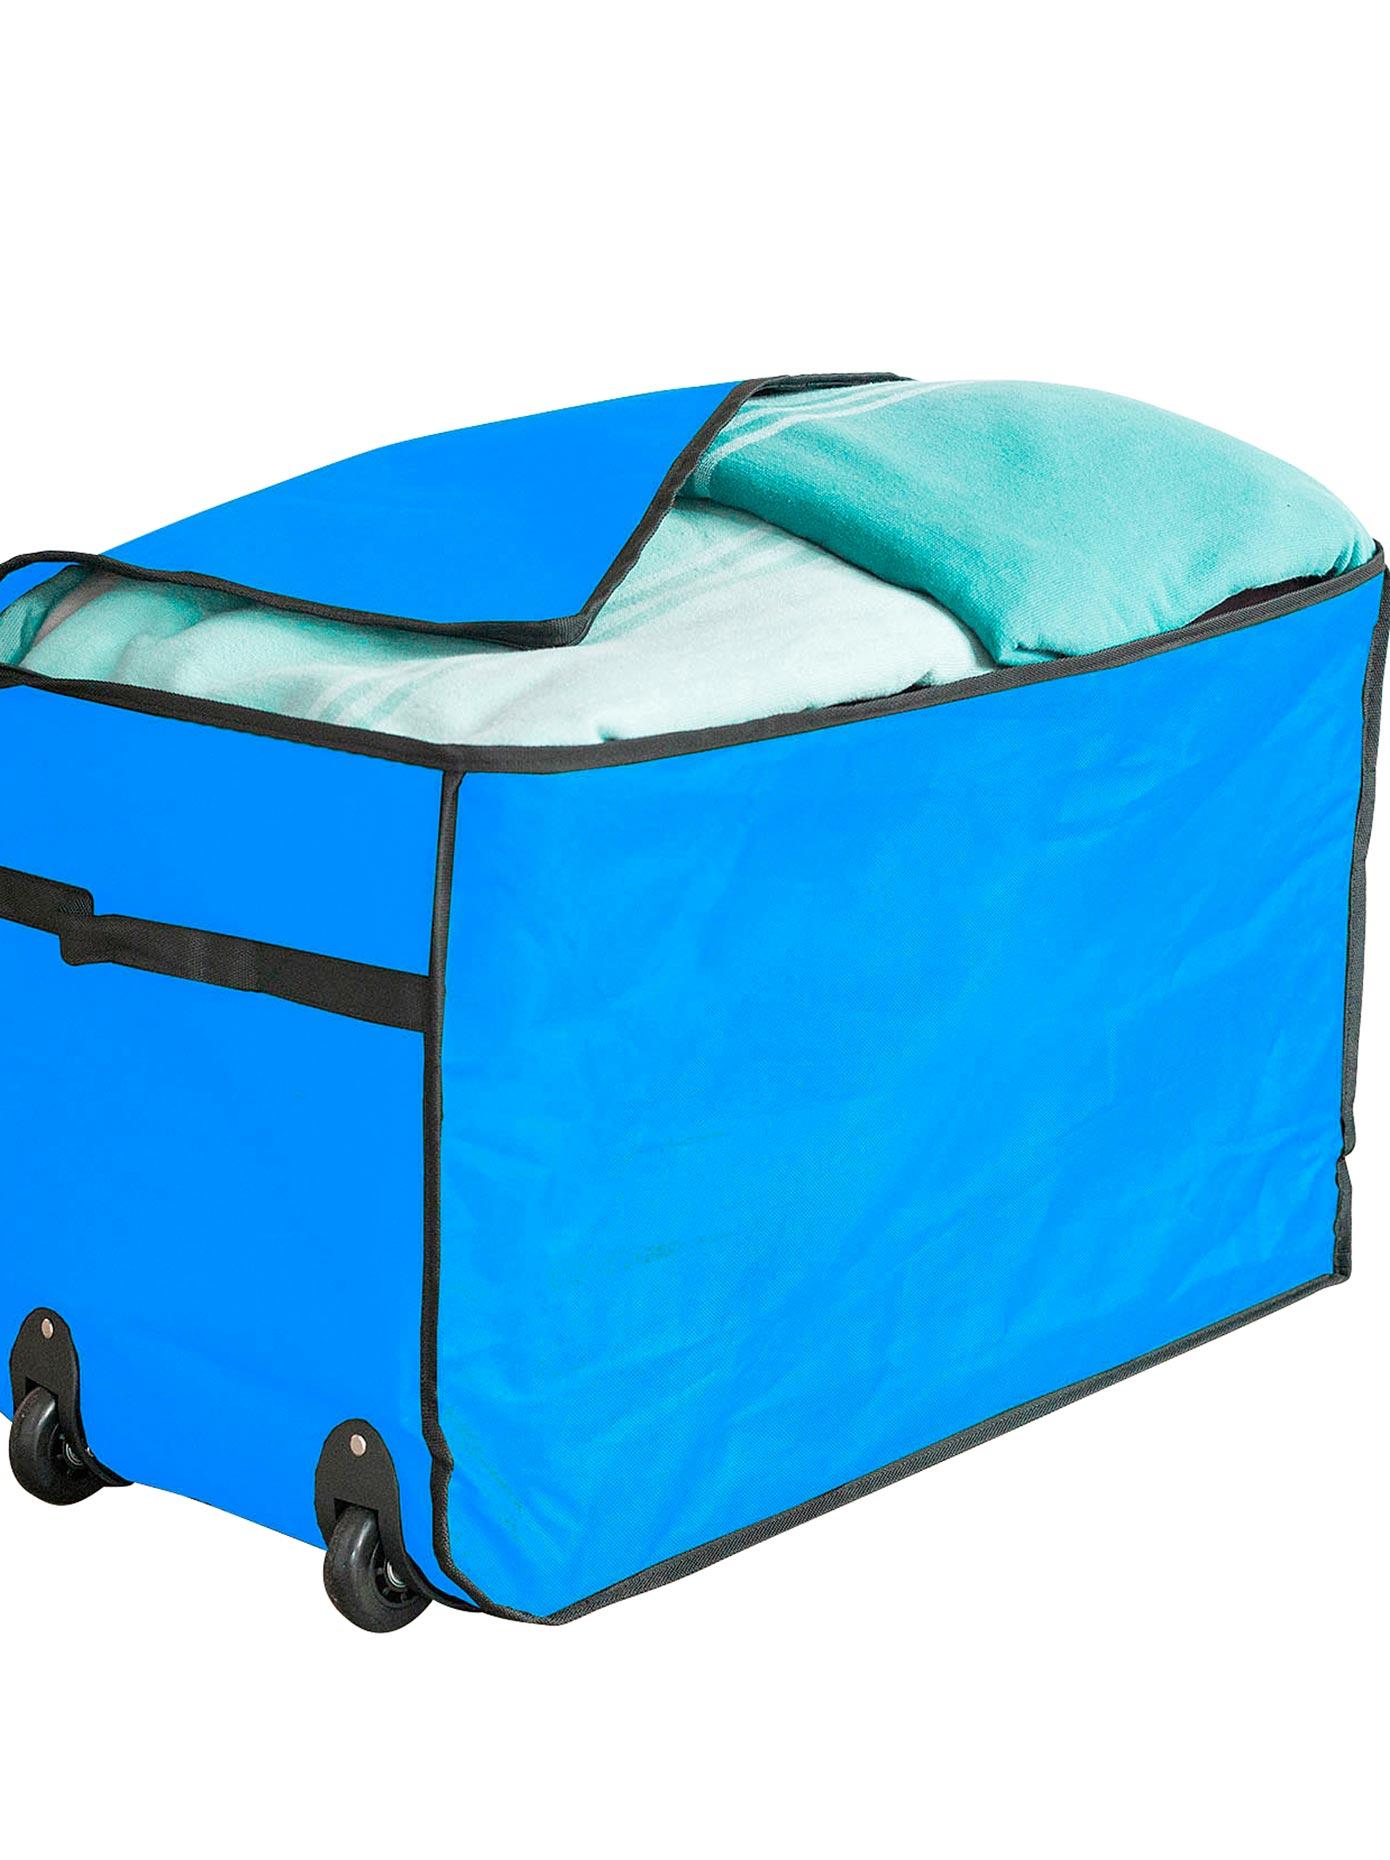 Aufbewahrungs-Trolley blau Aufbewahrung Ordnung SOFORT LIEFEERBAR Diele Flur Aufbewahrungssysteme